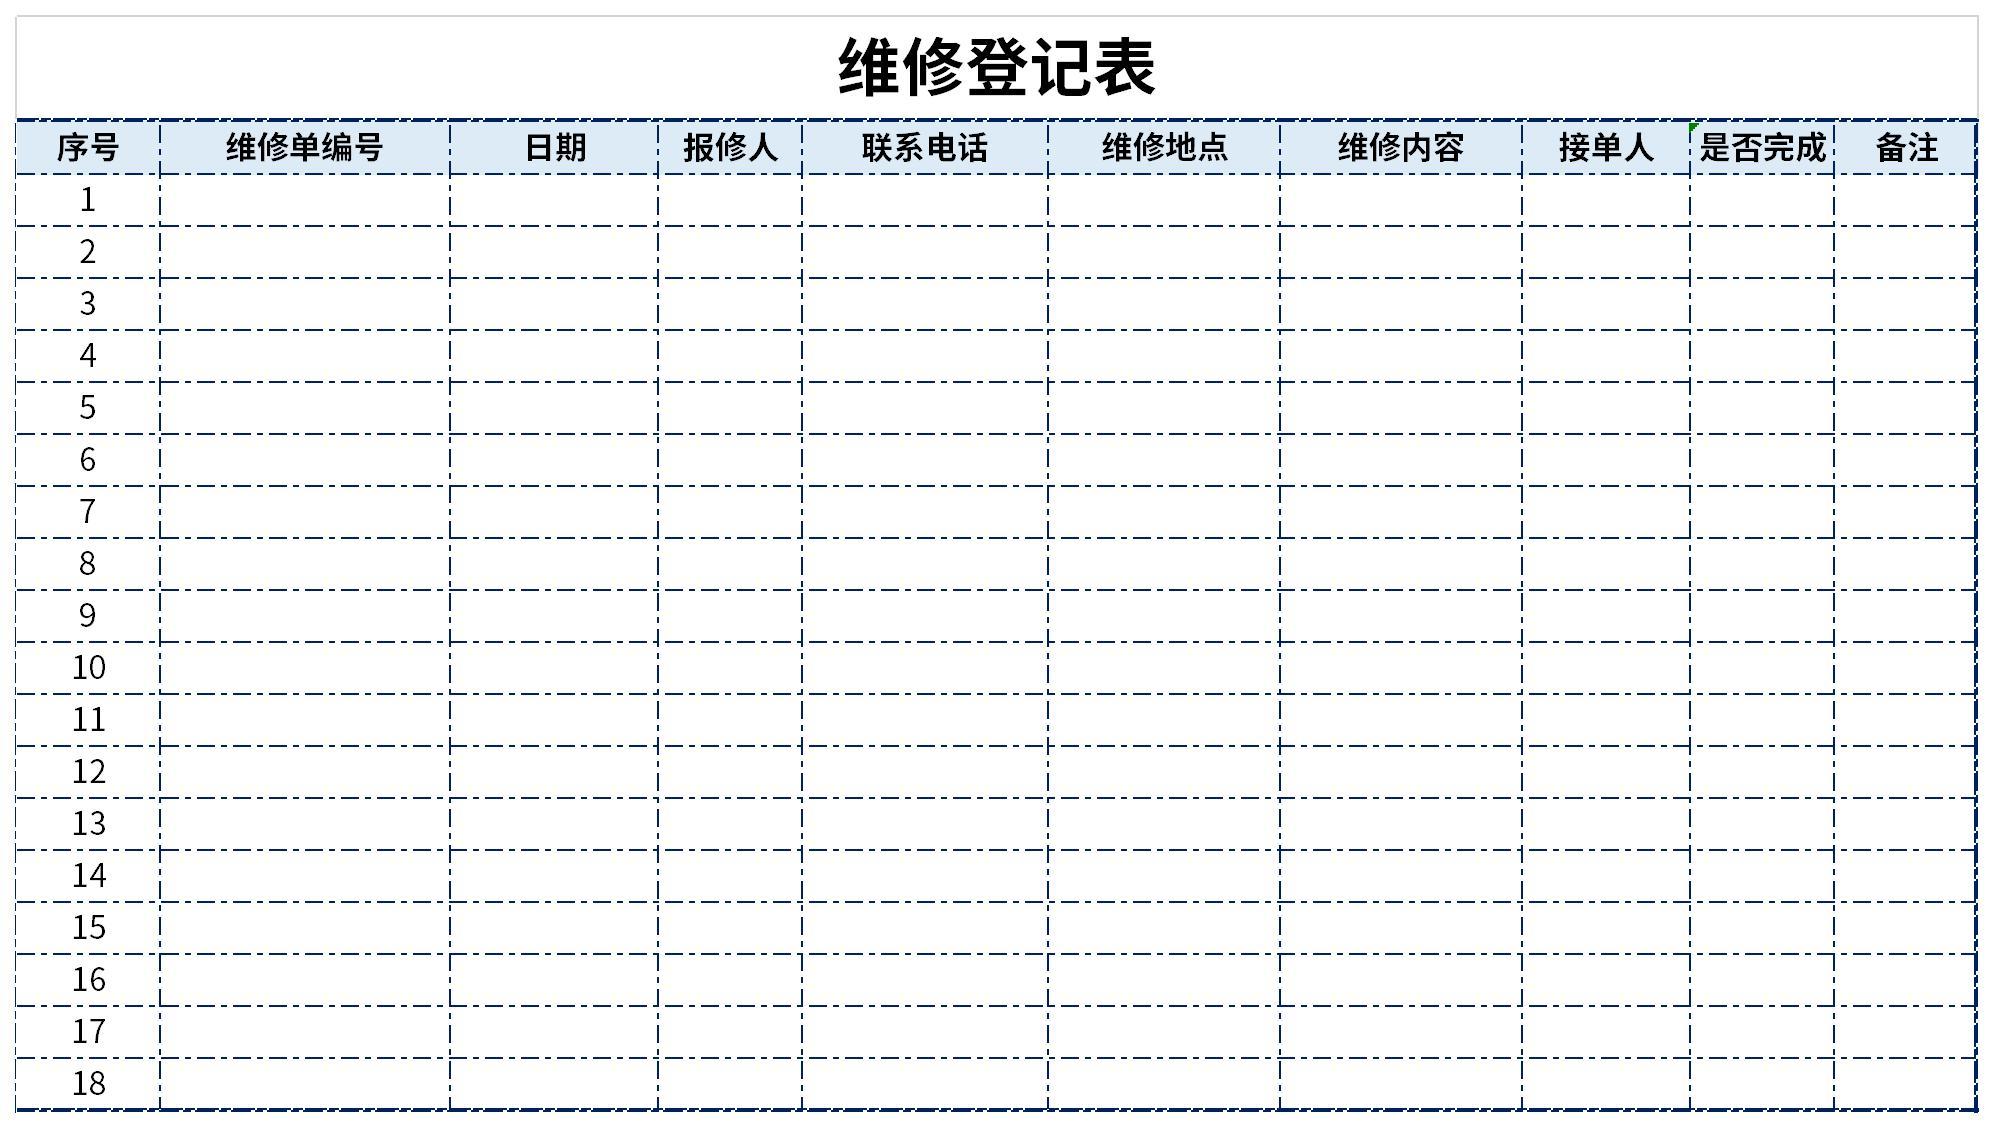 维修登记表截图